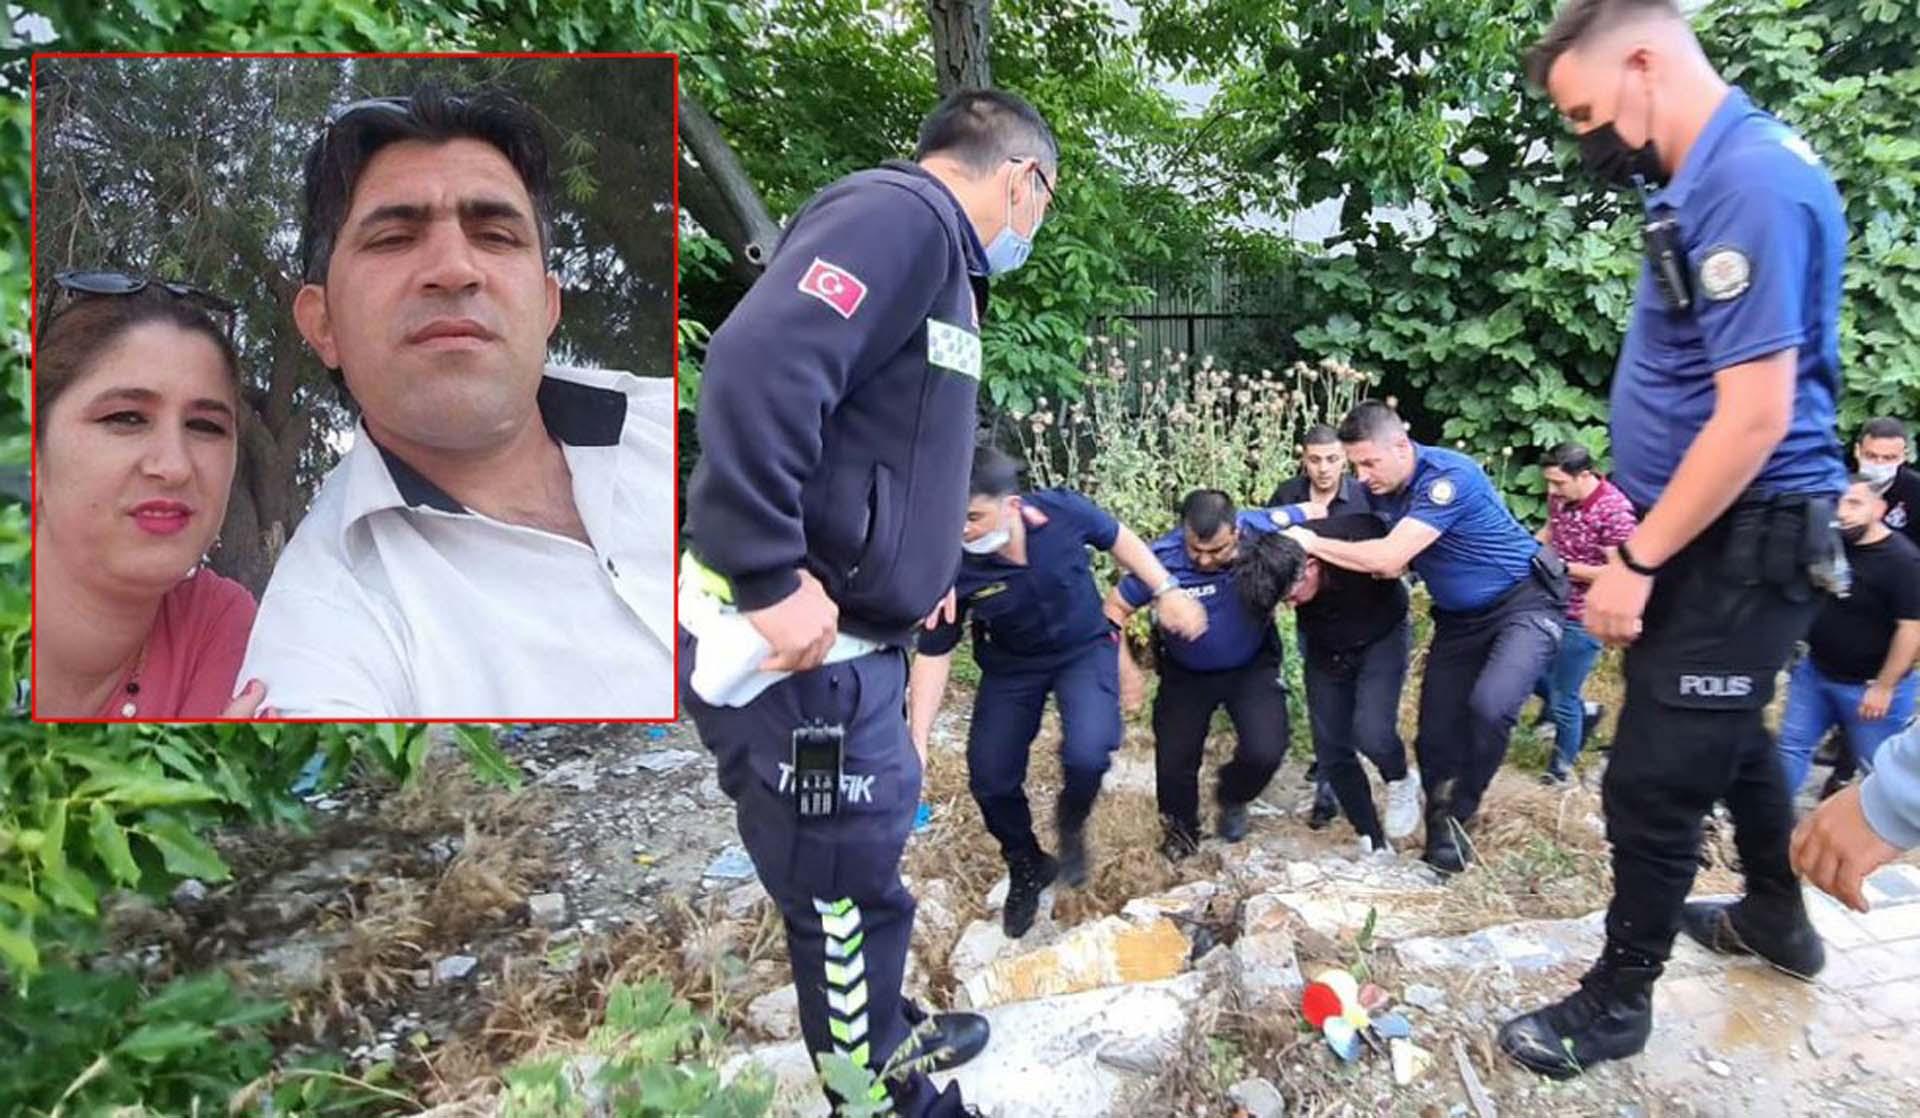 Adana'da kadın cinayeti! Erdal Çavuş, iki çocuk annesi eşi İlknur Çavuş'u silahla vurarak öldürdü! Yakalandığı yer şaşkınlık yarattı